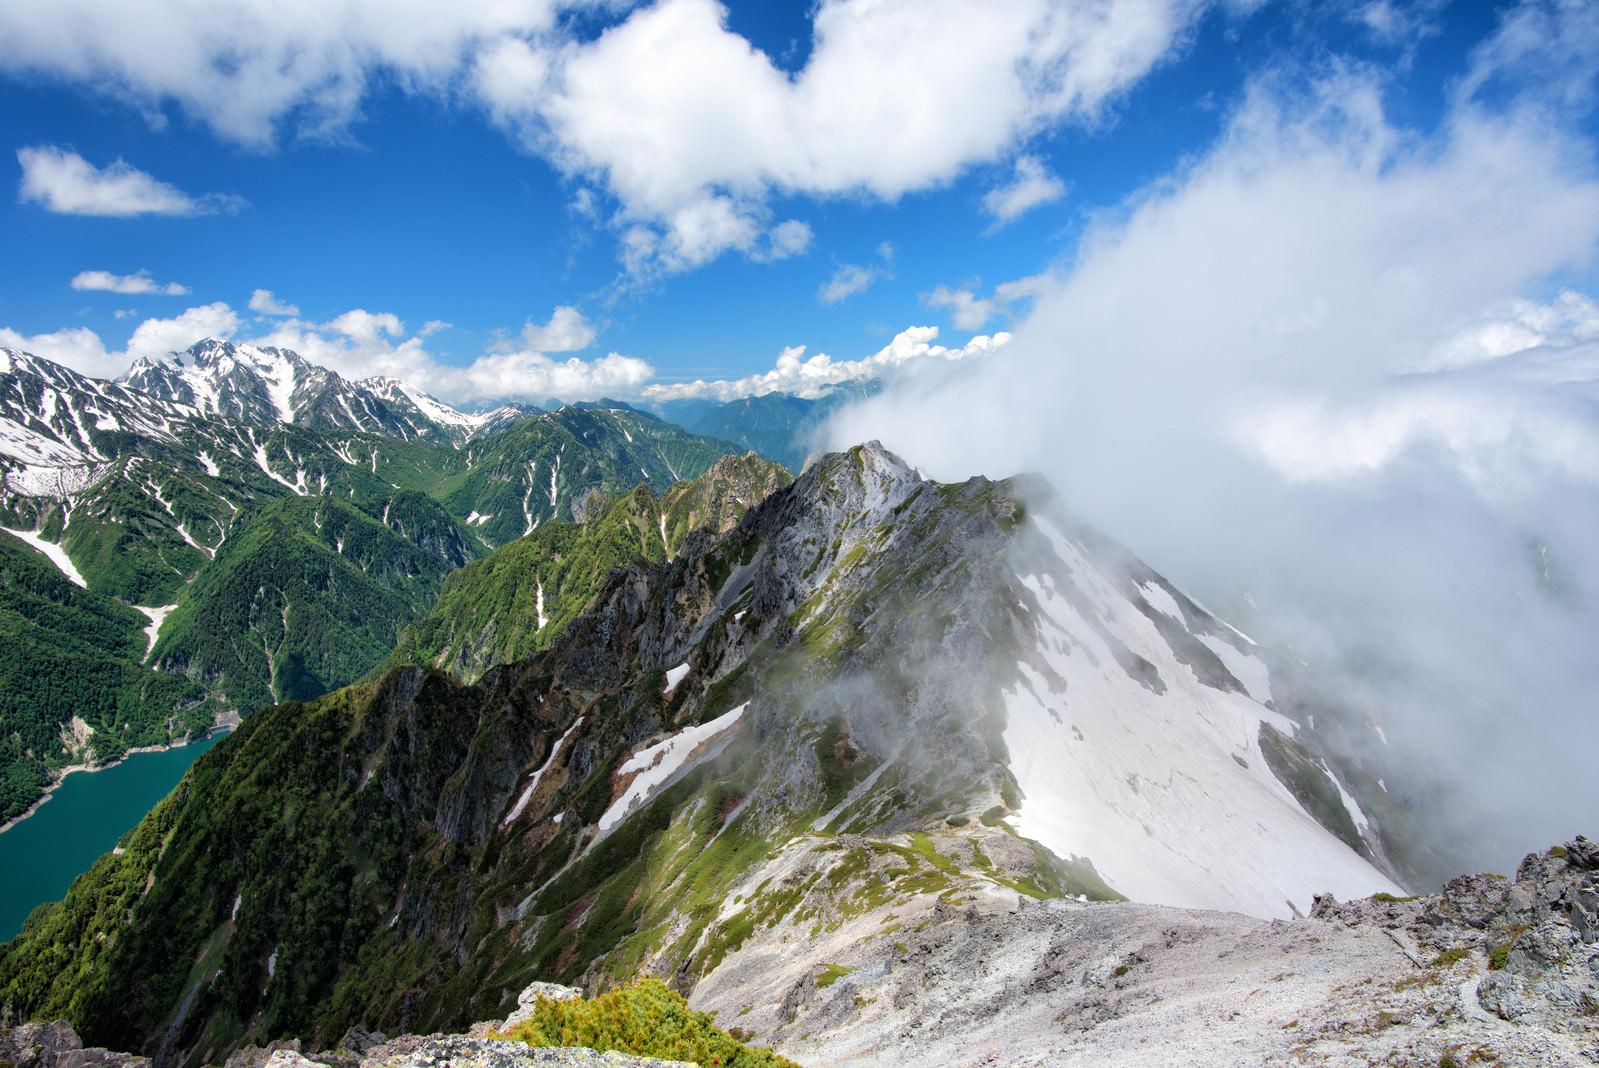 「スバリ岳を駆け上がる雲と剱岳(飛騨山脈)」の写真